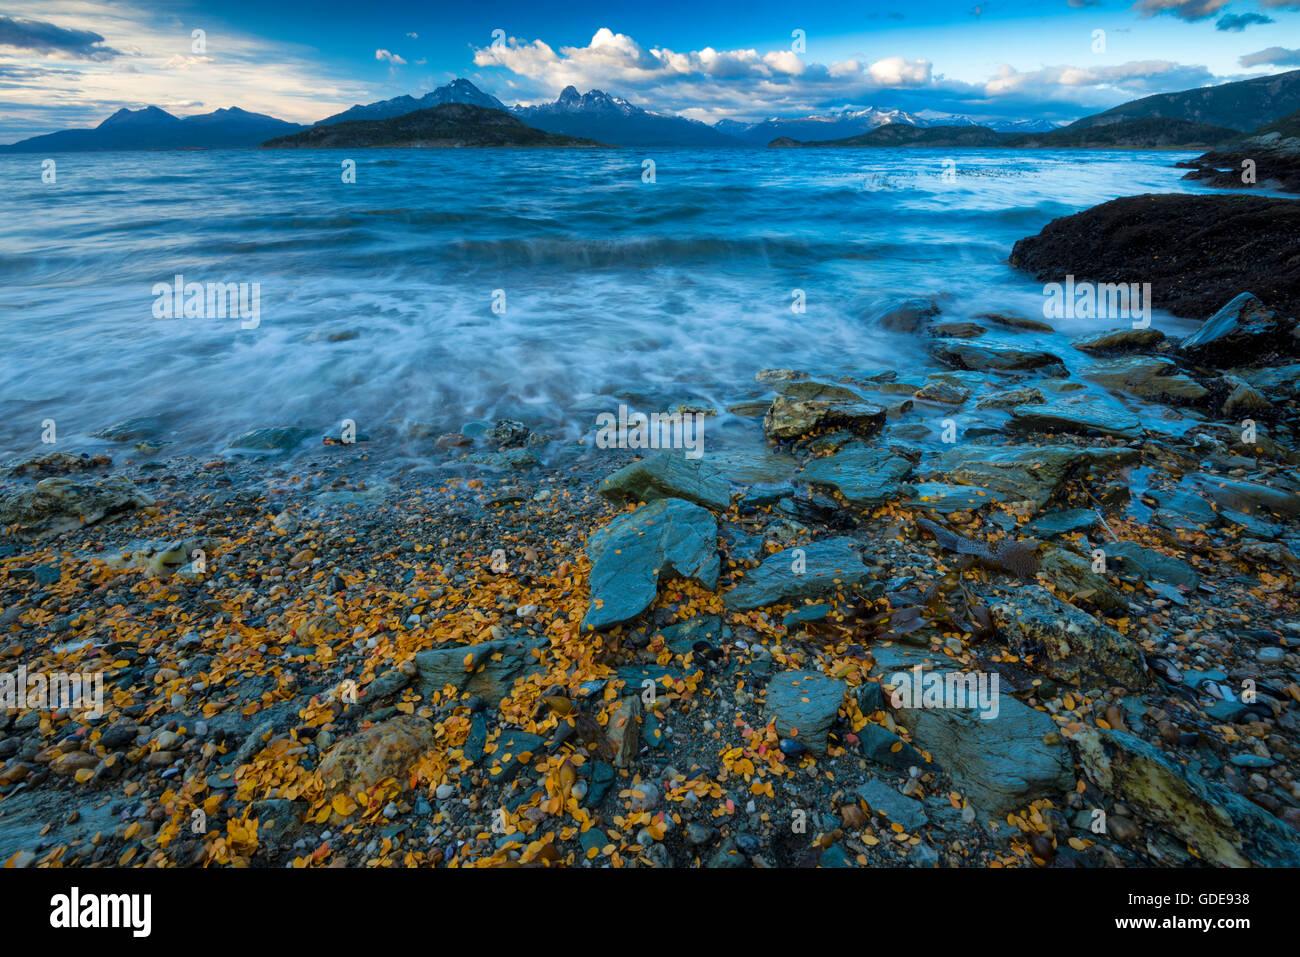 América del Sur,Tierra del Fuego,Argentina,Ushuaia,Tierra del Fuego,Parque Nacional,Canal Beagle Imagen De Stock